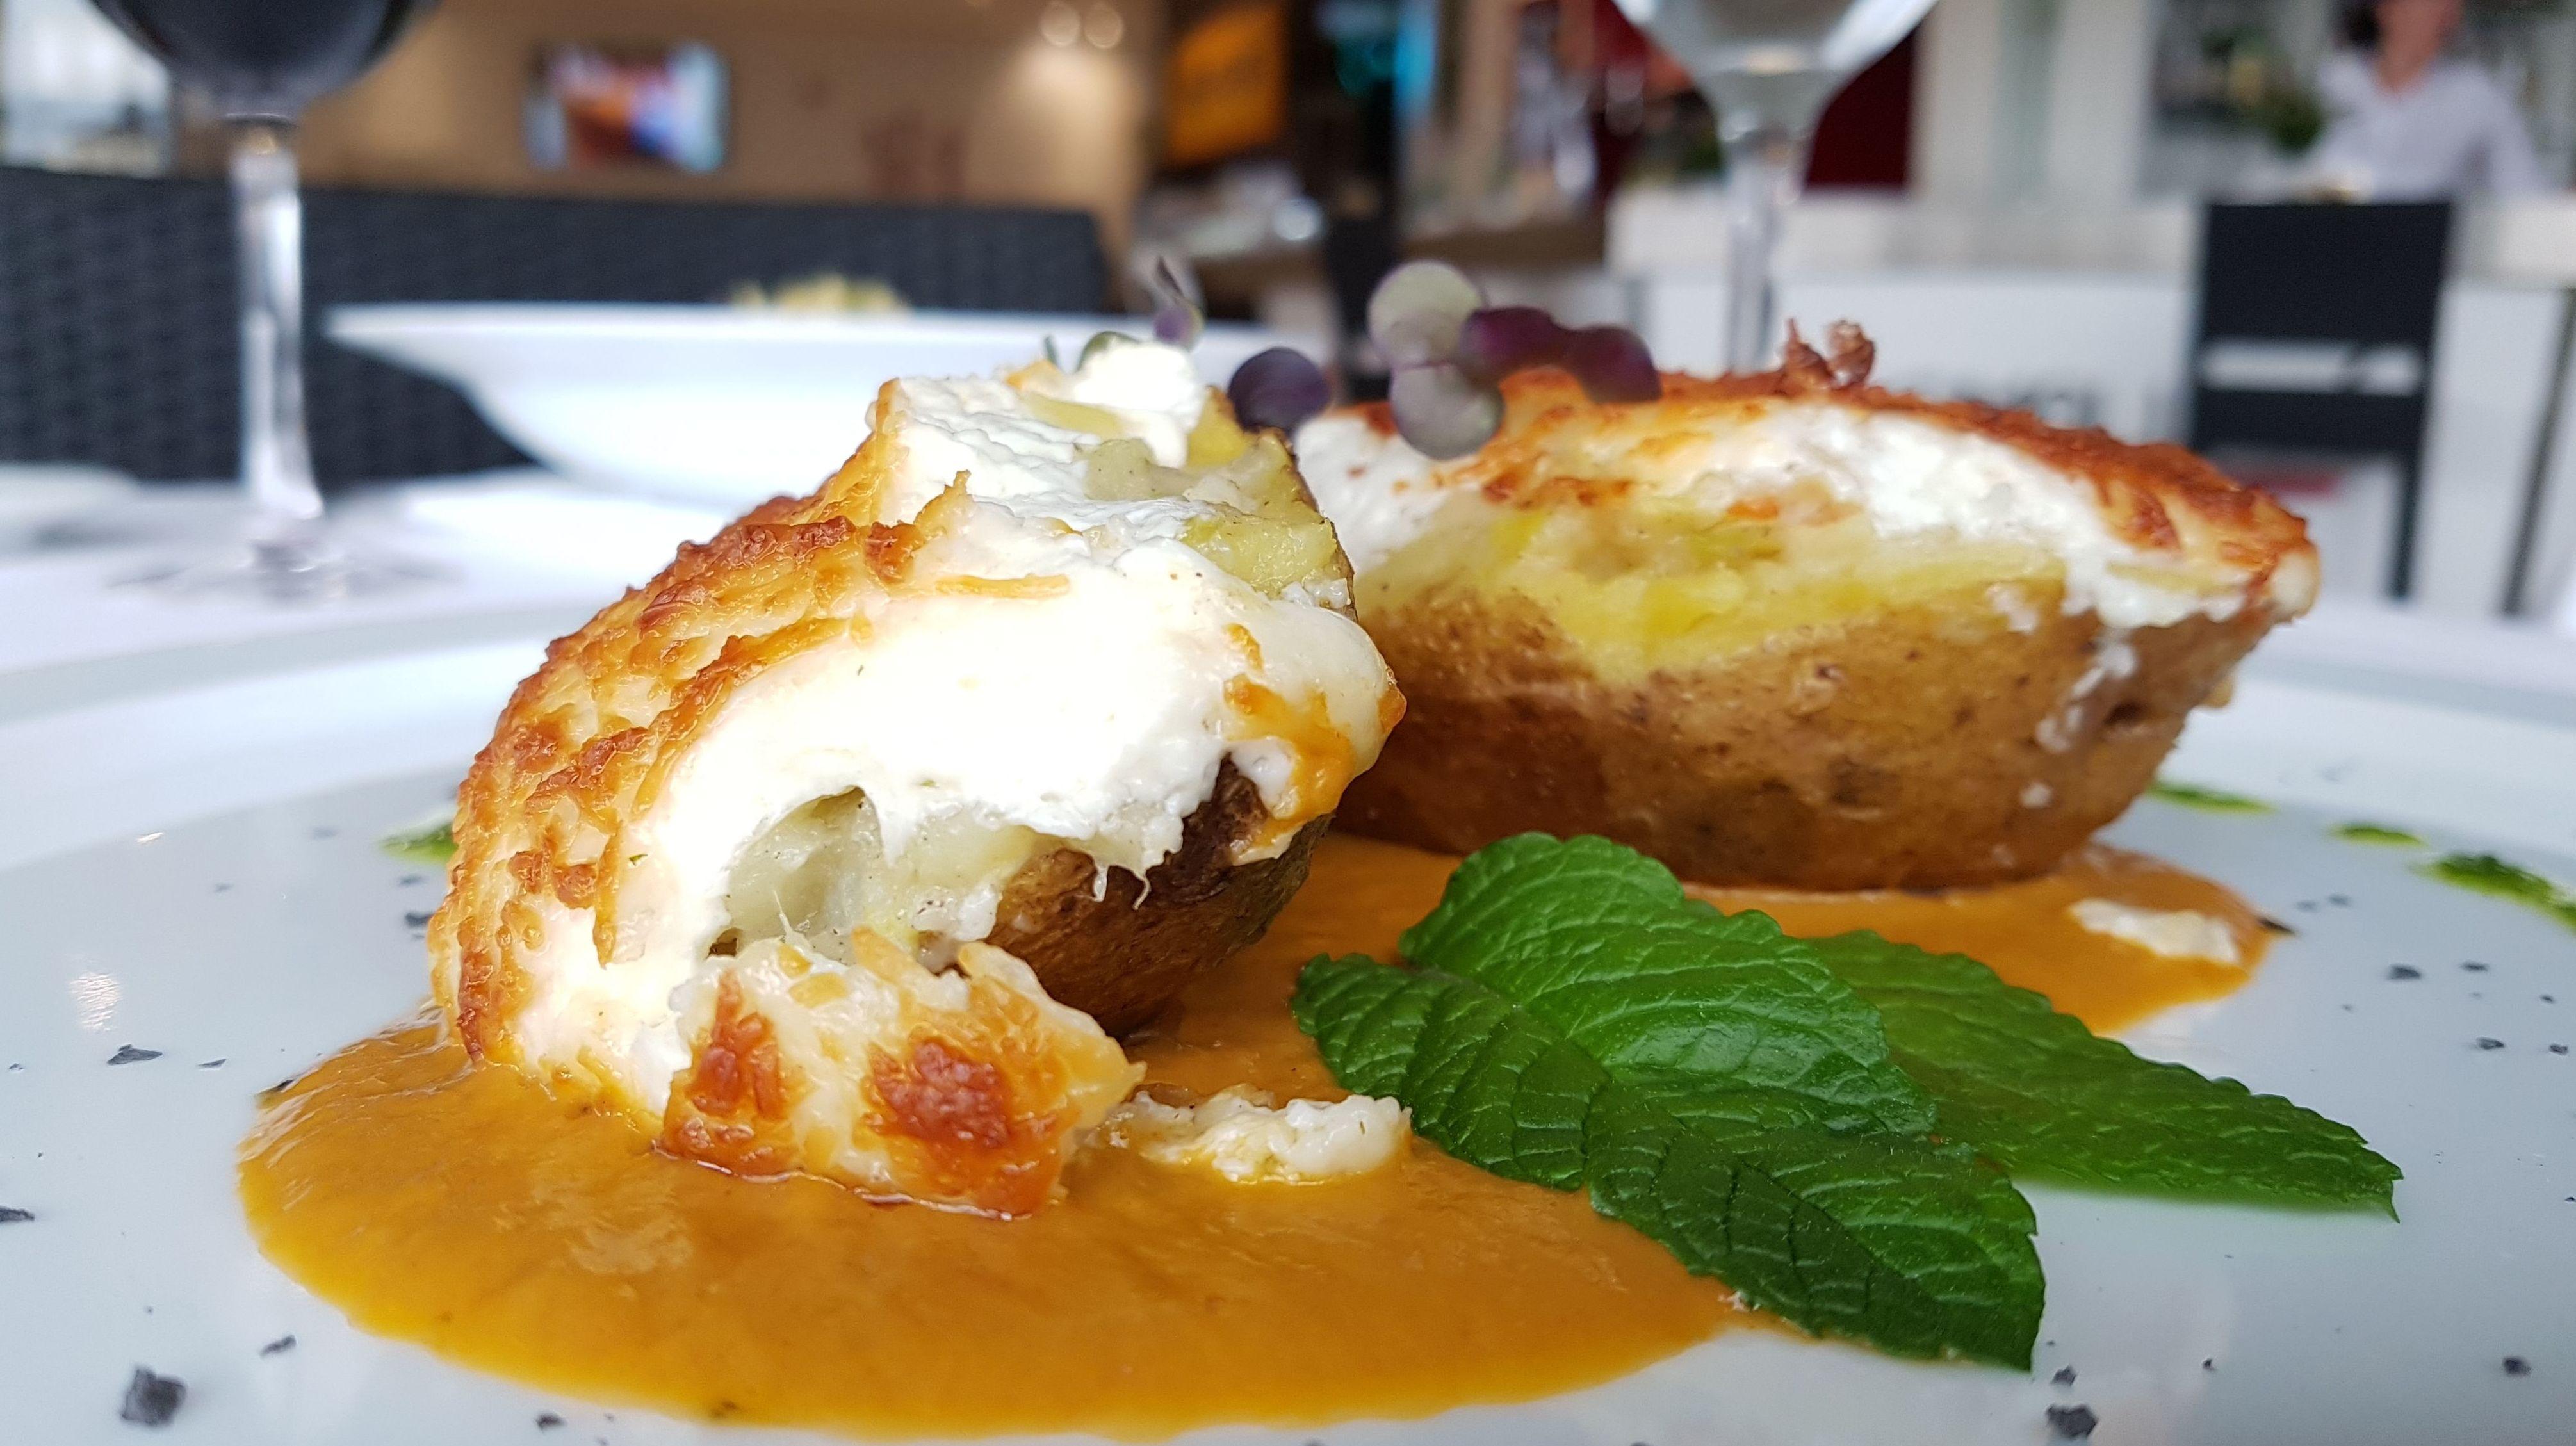 Foto 21 de Restaurantes en Rivas Vaciamadrid   Restaurante Somallao Sercotel Rivas